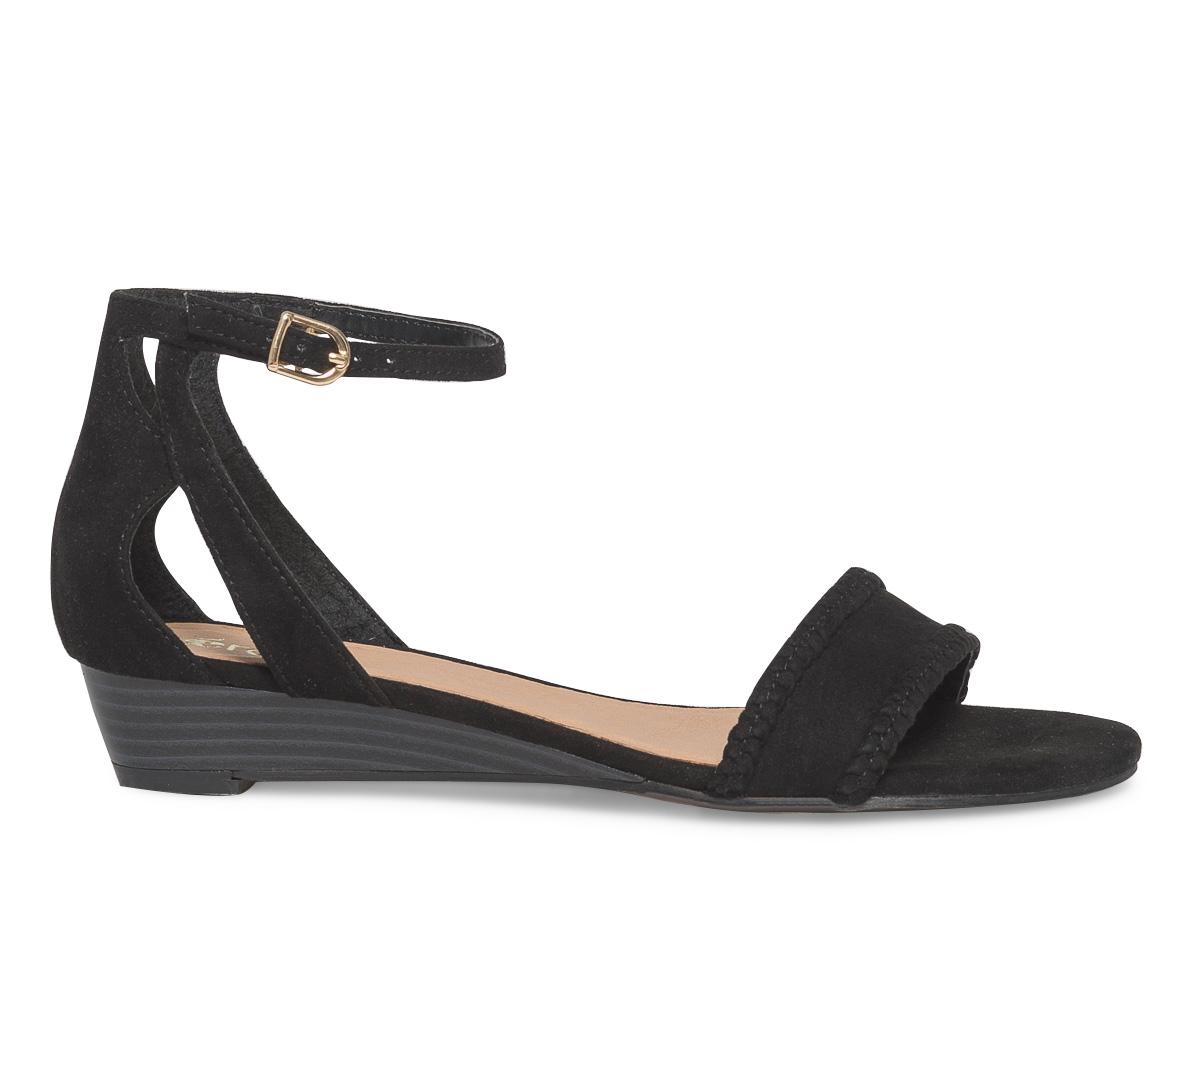 Sandale Noire Compensée Eram Sandale Noire Compensée Compensée Sandale Eram Eram MSzpVU